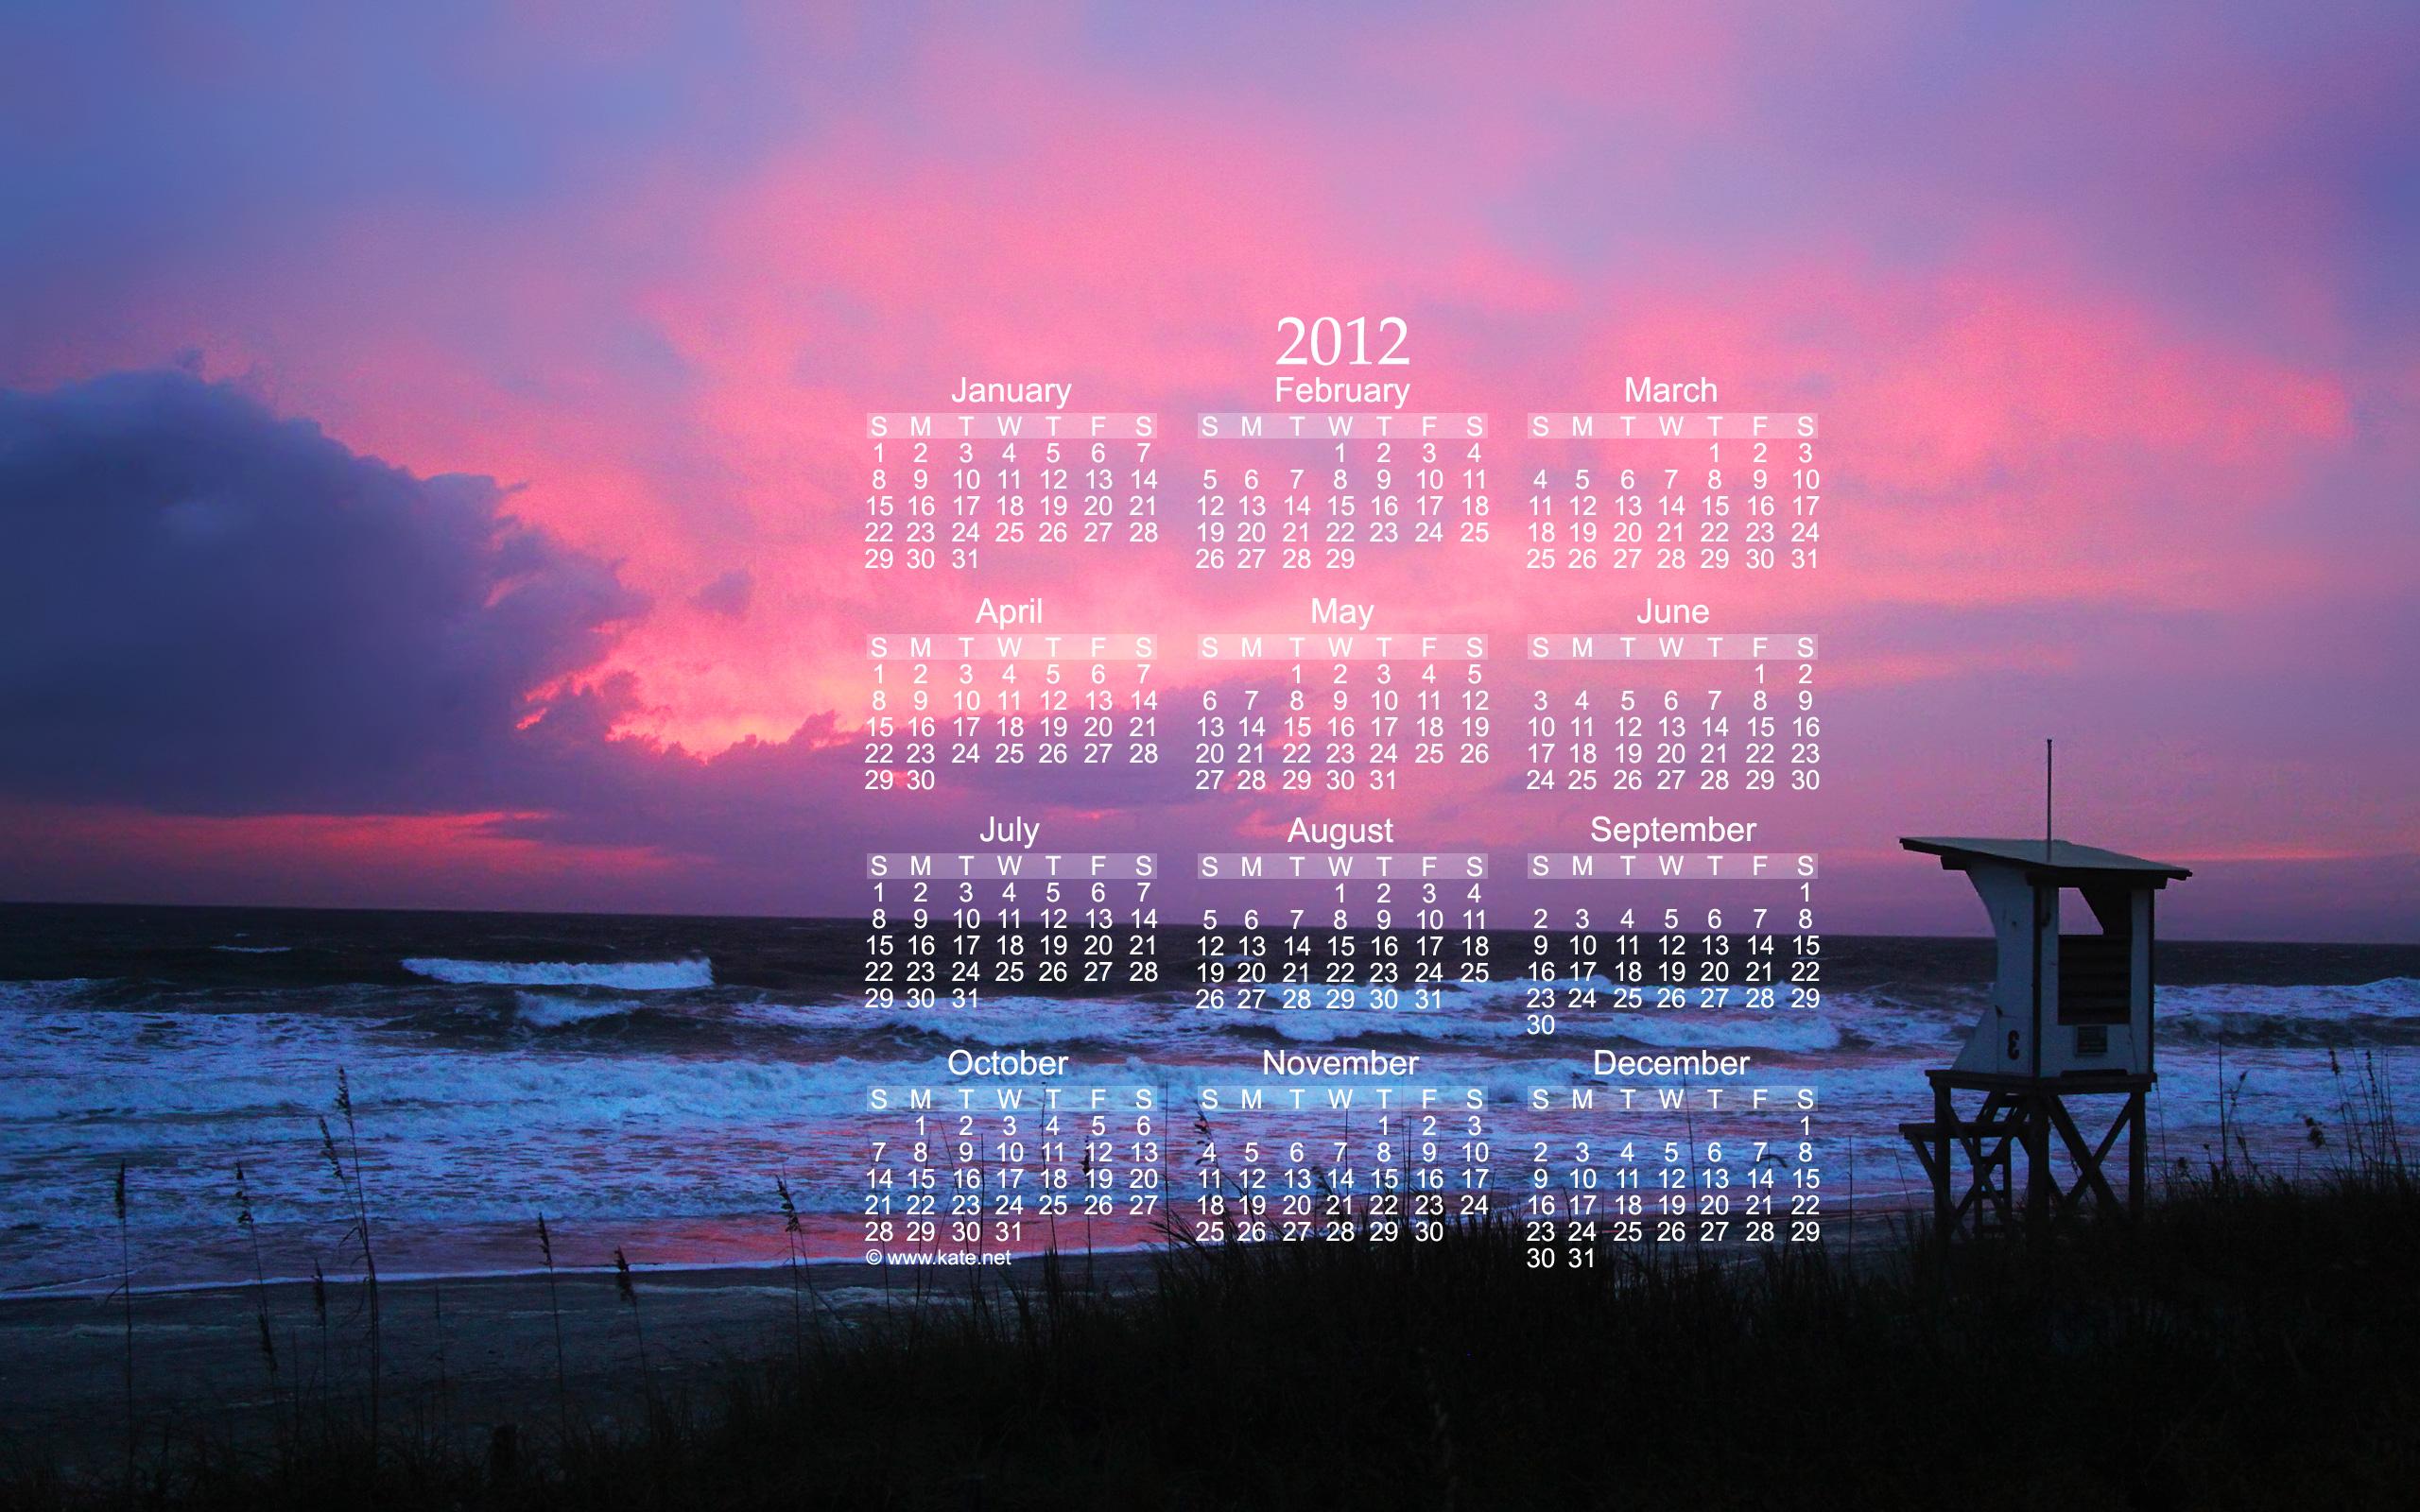 calendar wallpaper 1027 x 770usageorgecomWallpapersCalendar 2560x1600